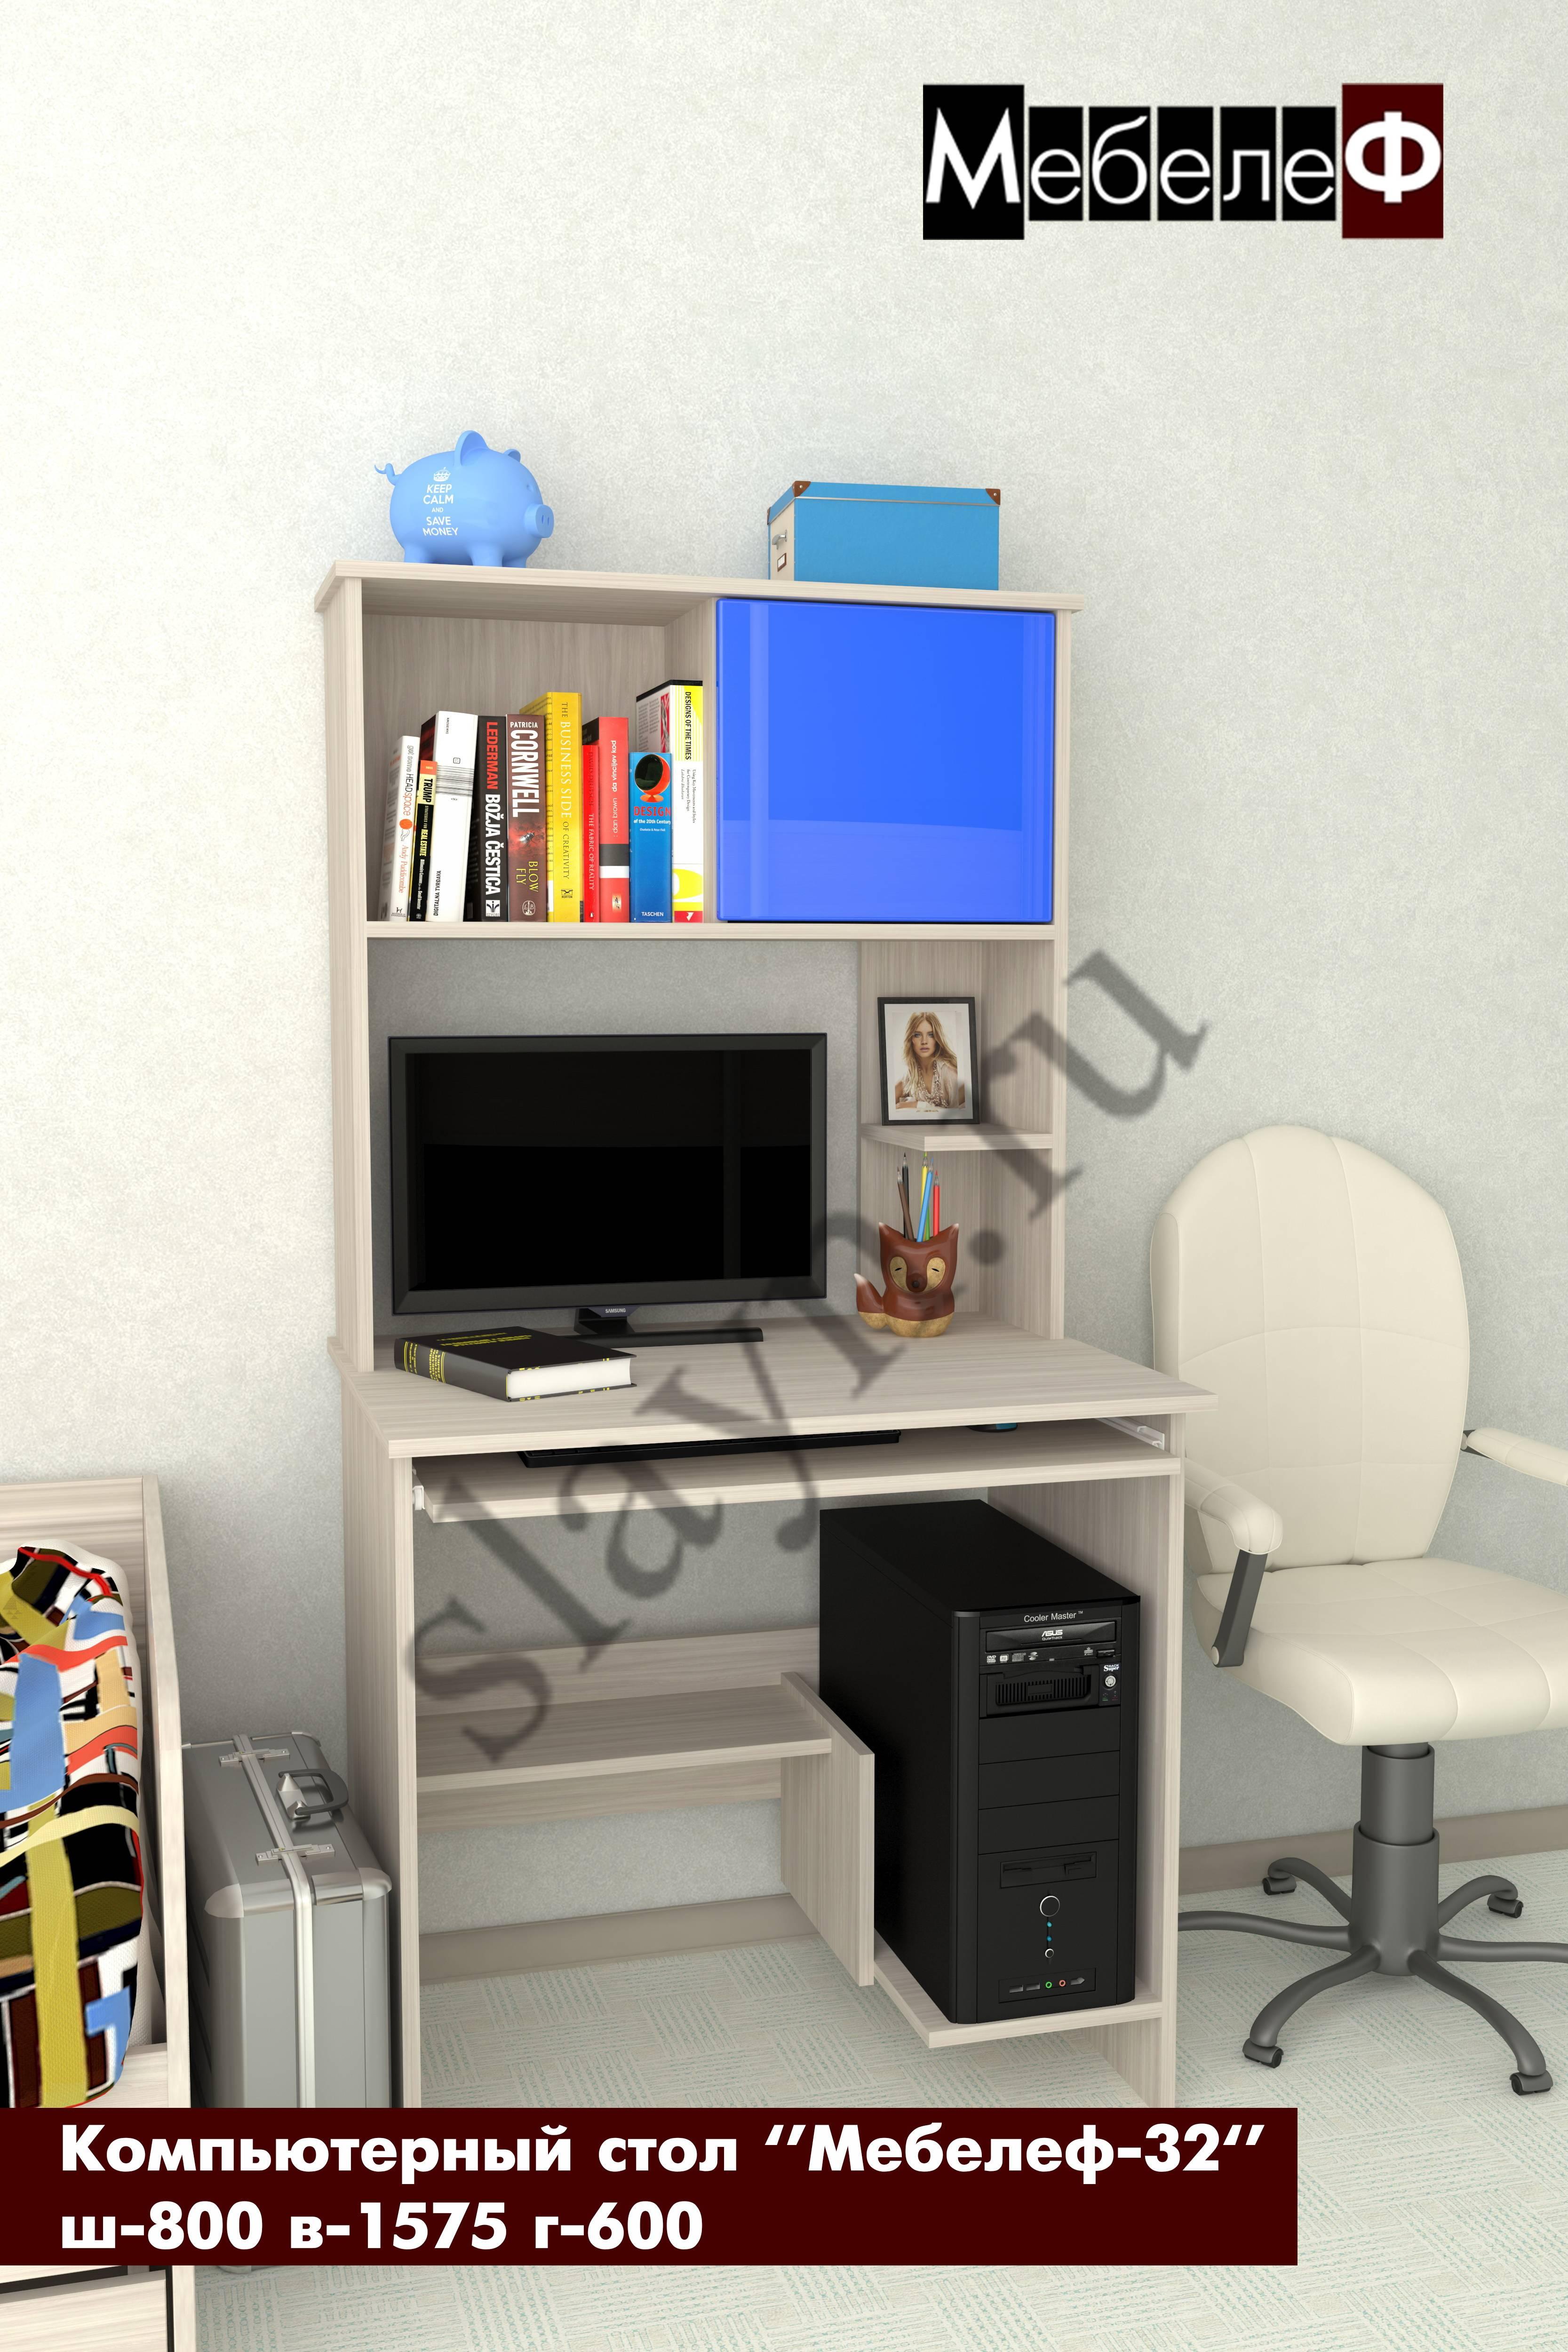 """Цена на компьютерный стол мебелеф компьютерный стол """"мебелеф."""